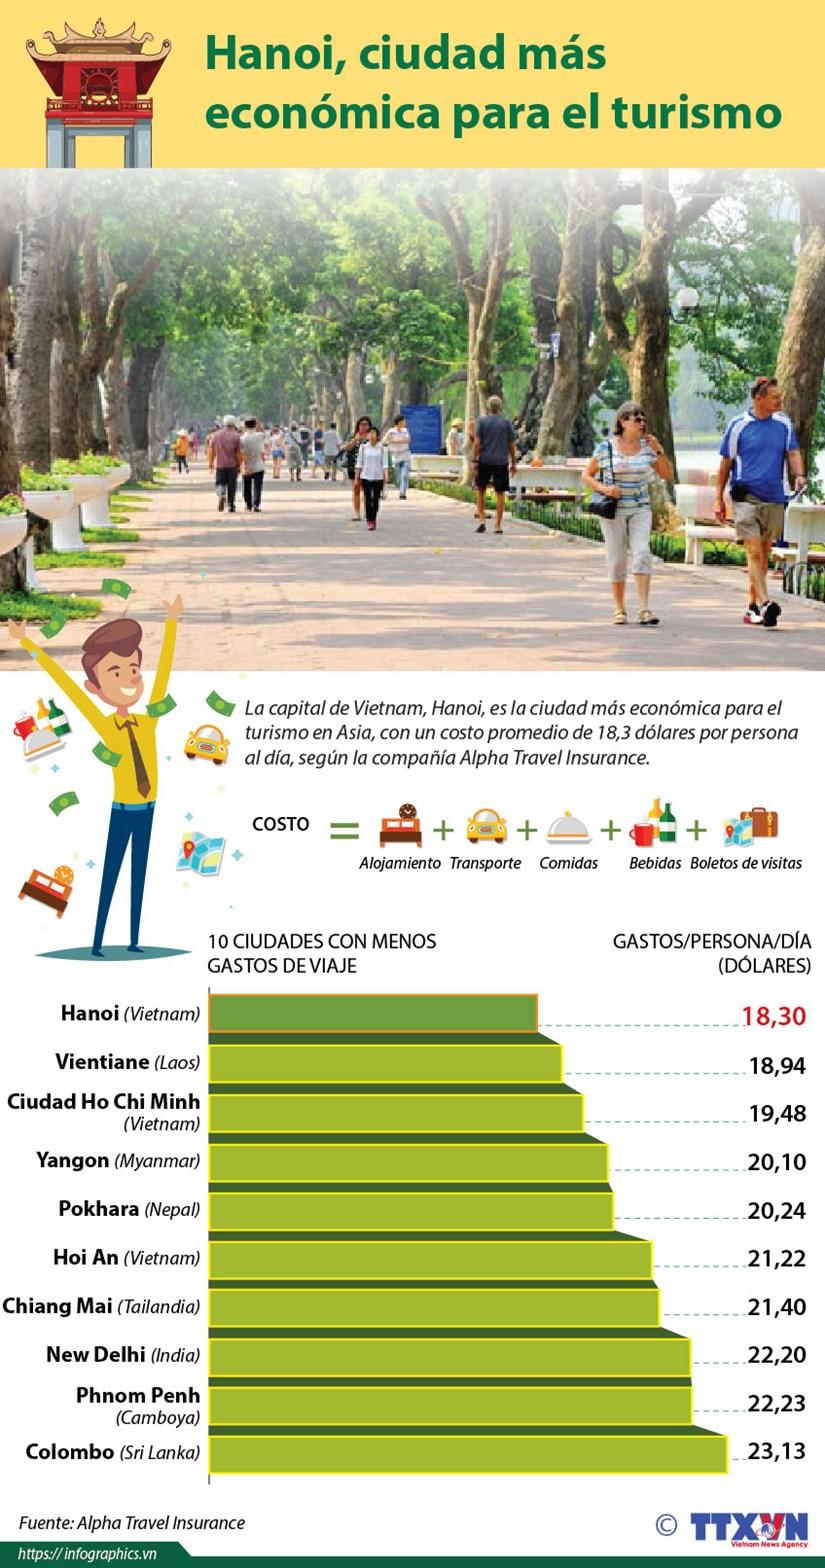 [Info] Hanoi, ciudad mas economica para el turismo en Asia hinh anh 1